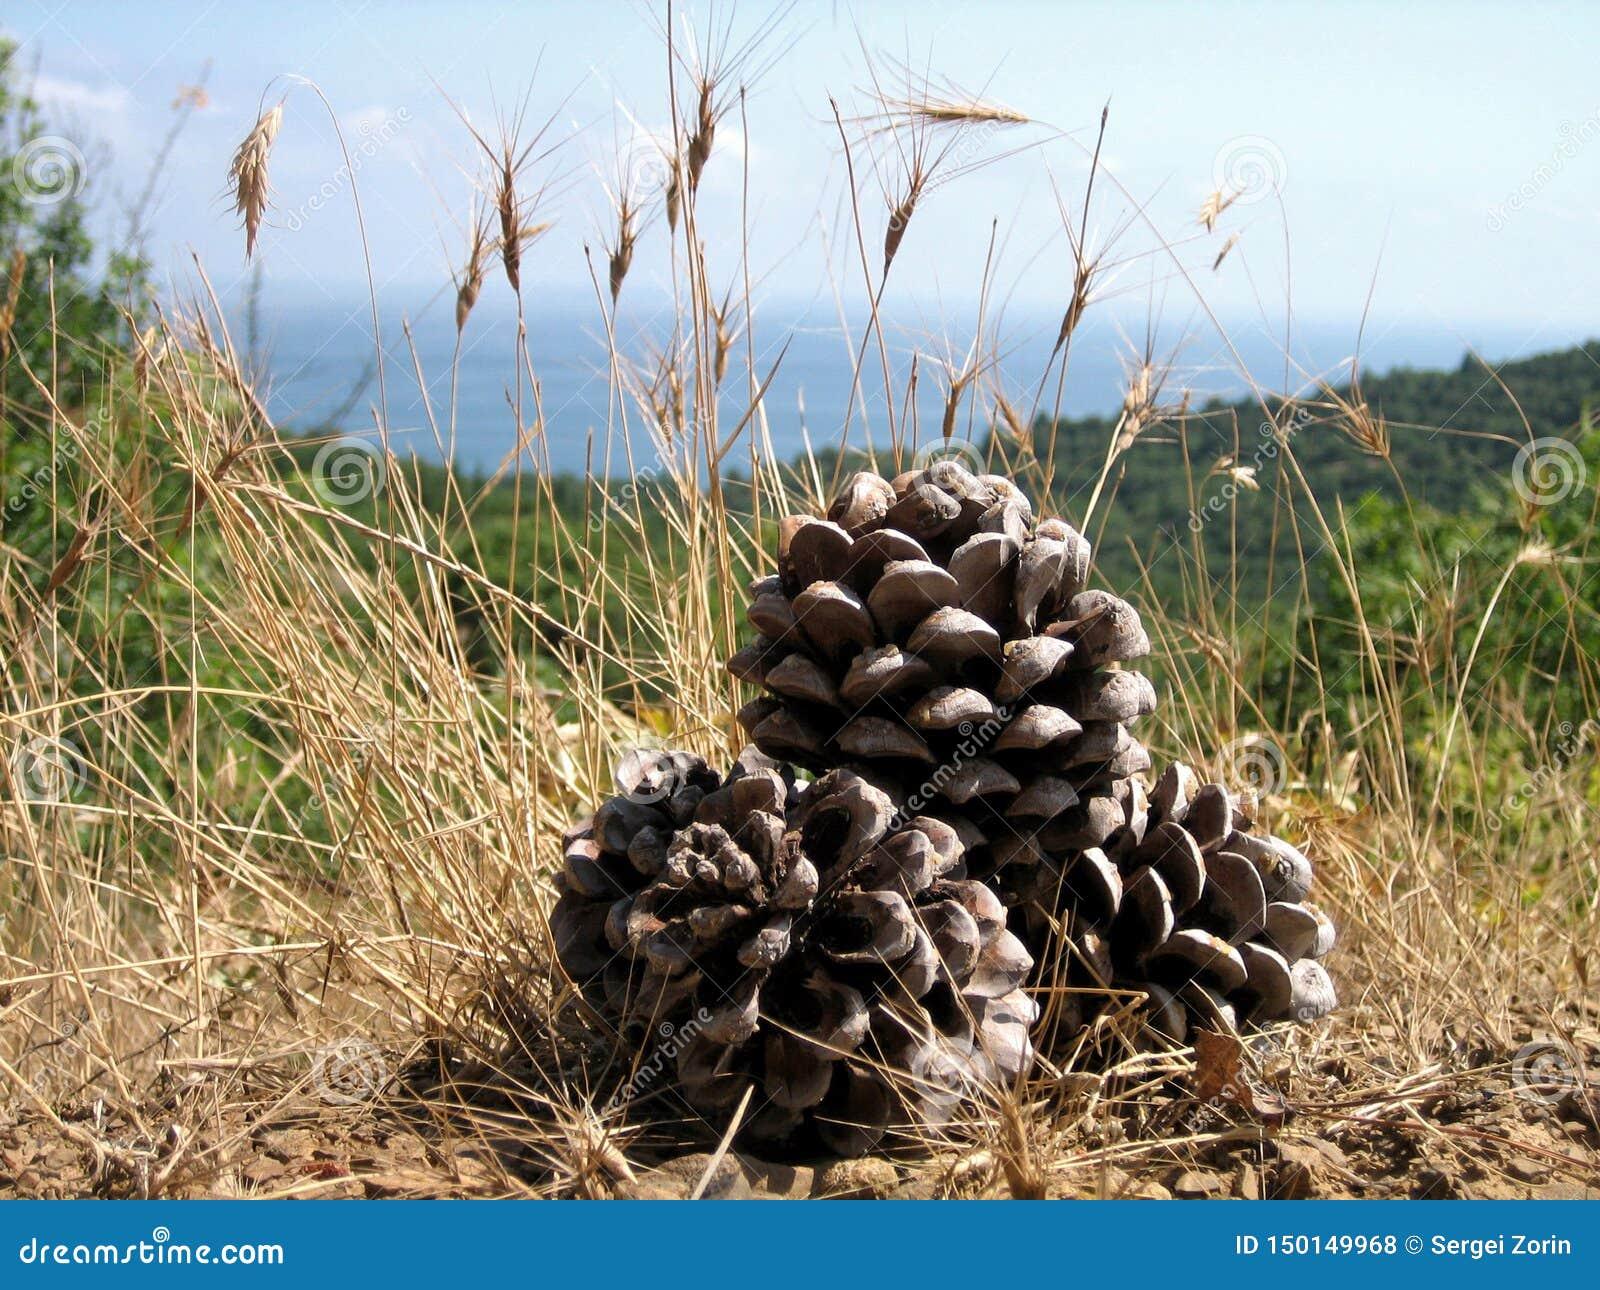 Conos grandes del pino debajo del sol meridional en hierba seca en un fondo de bosques densos, del mar azul y del cielo azul